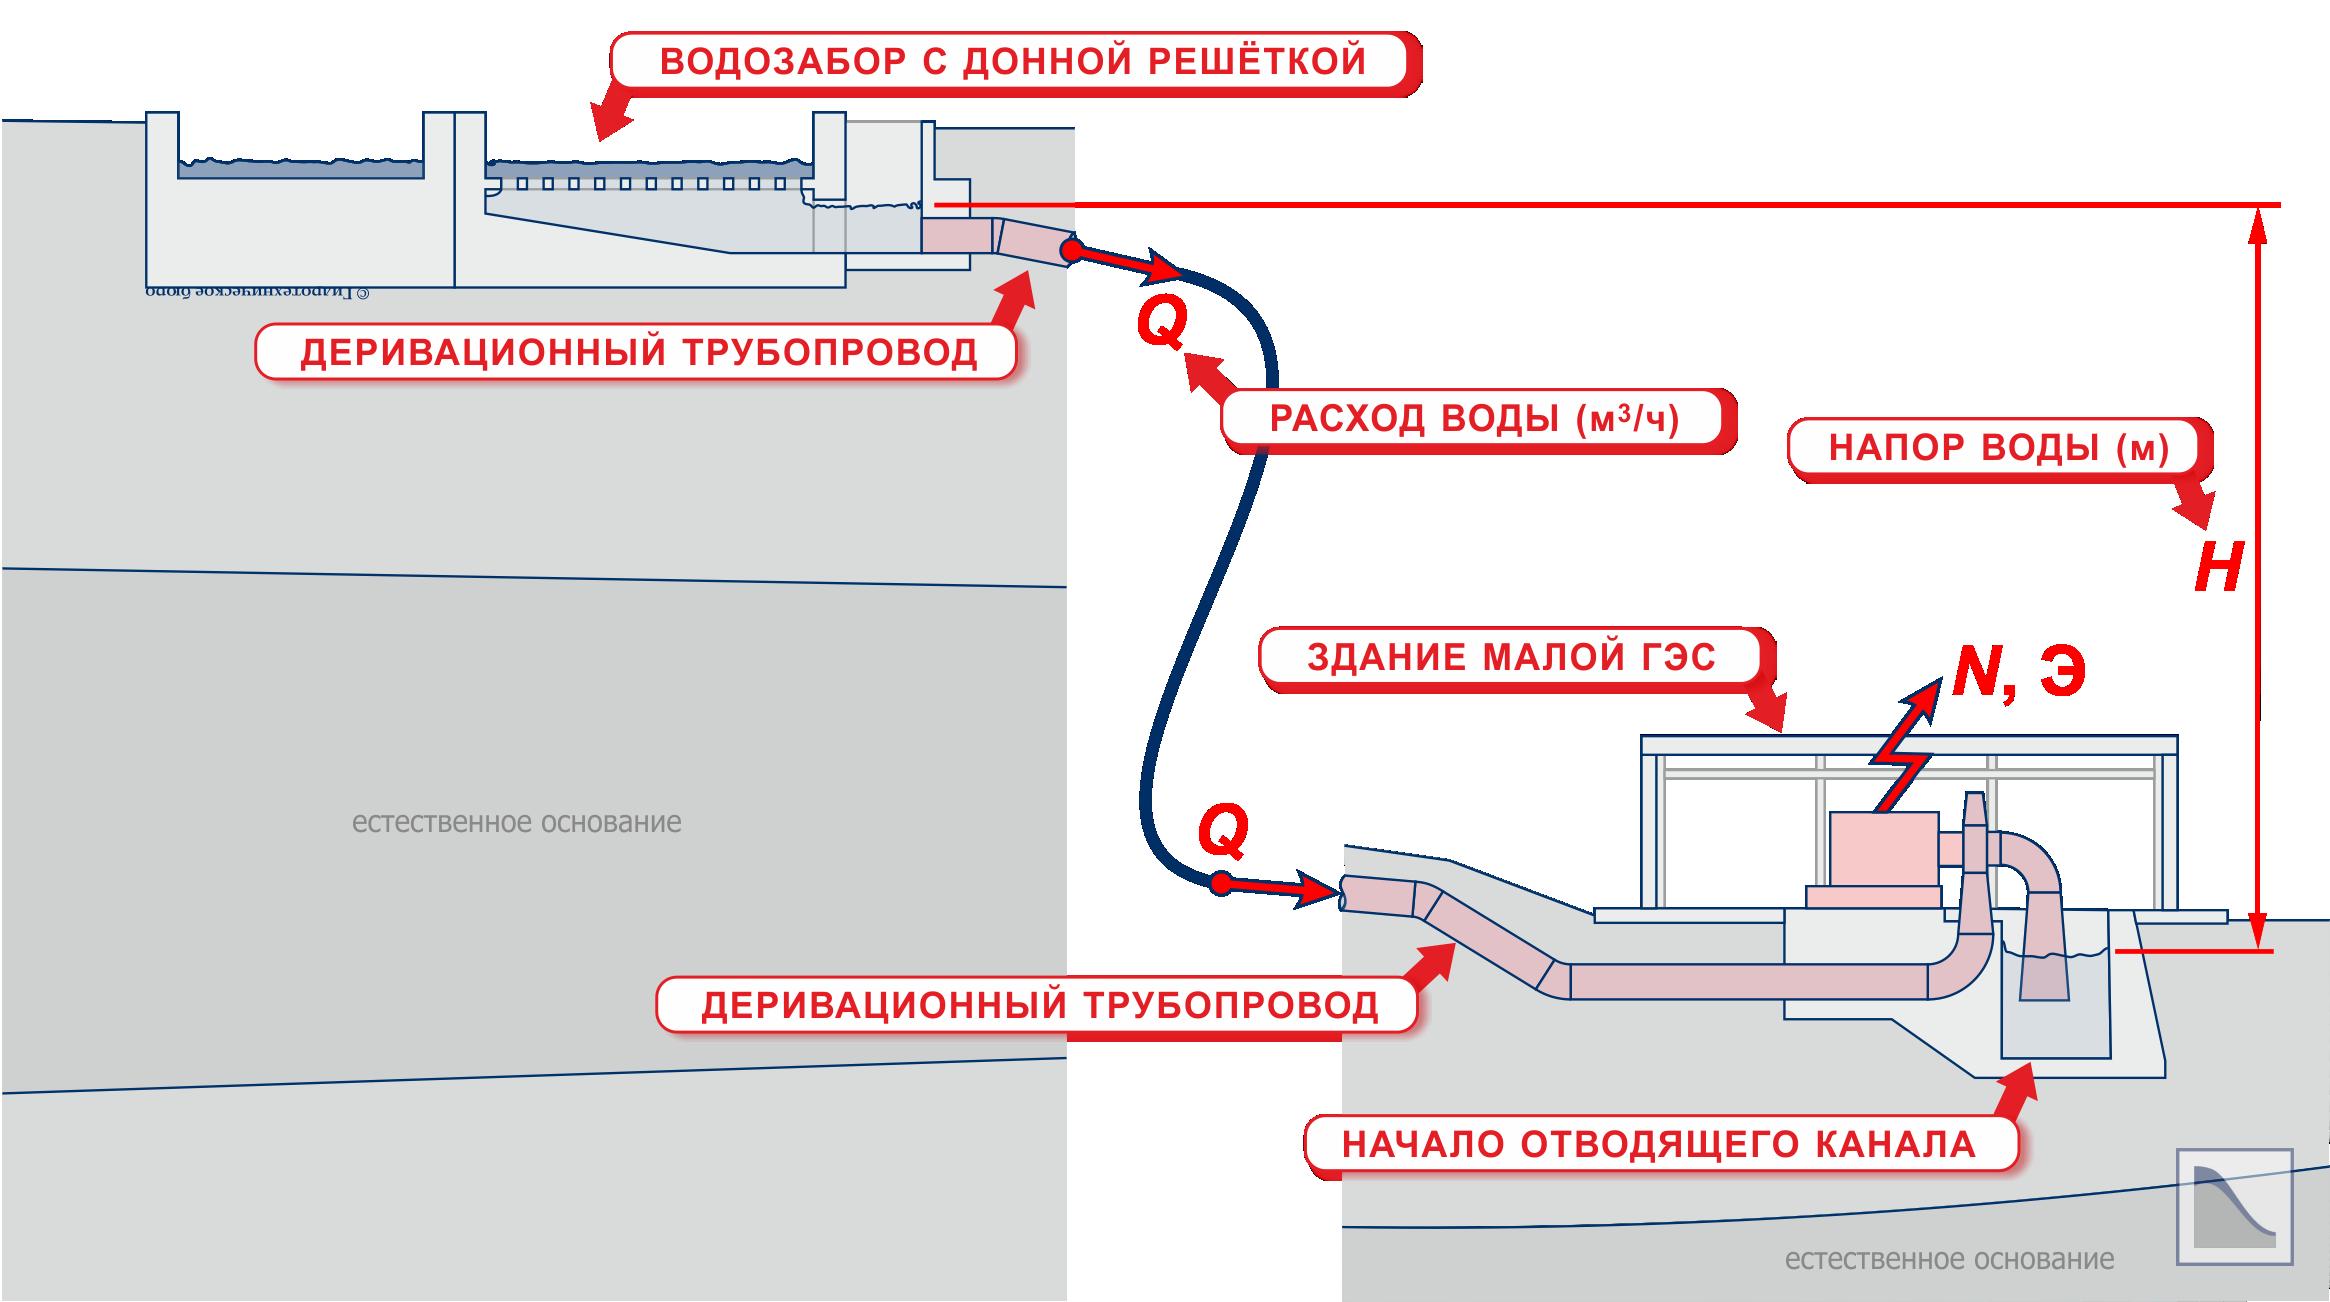 Энергетическая схема на примере деривационной малой ГЭС